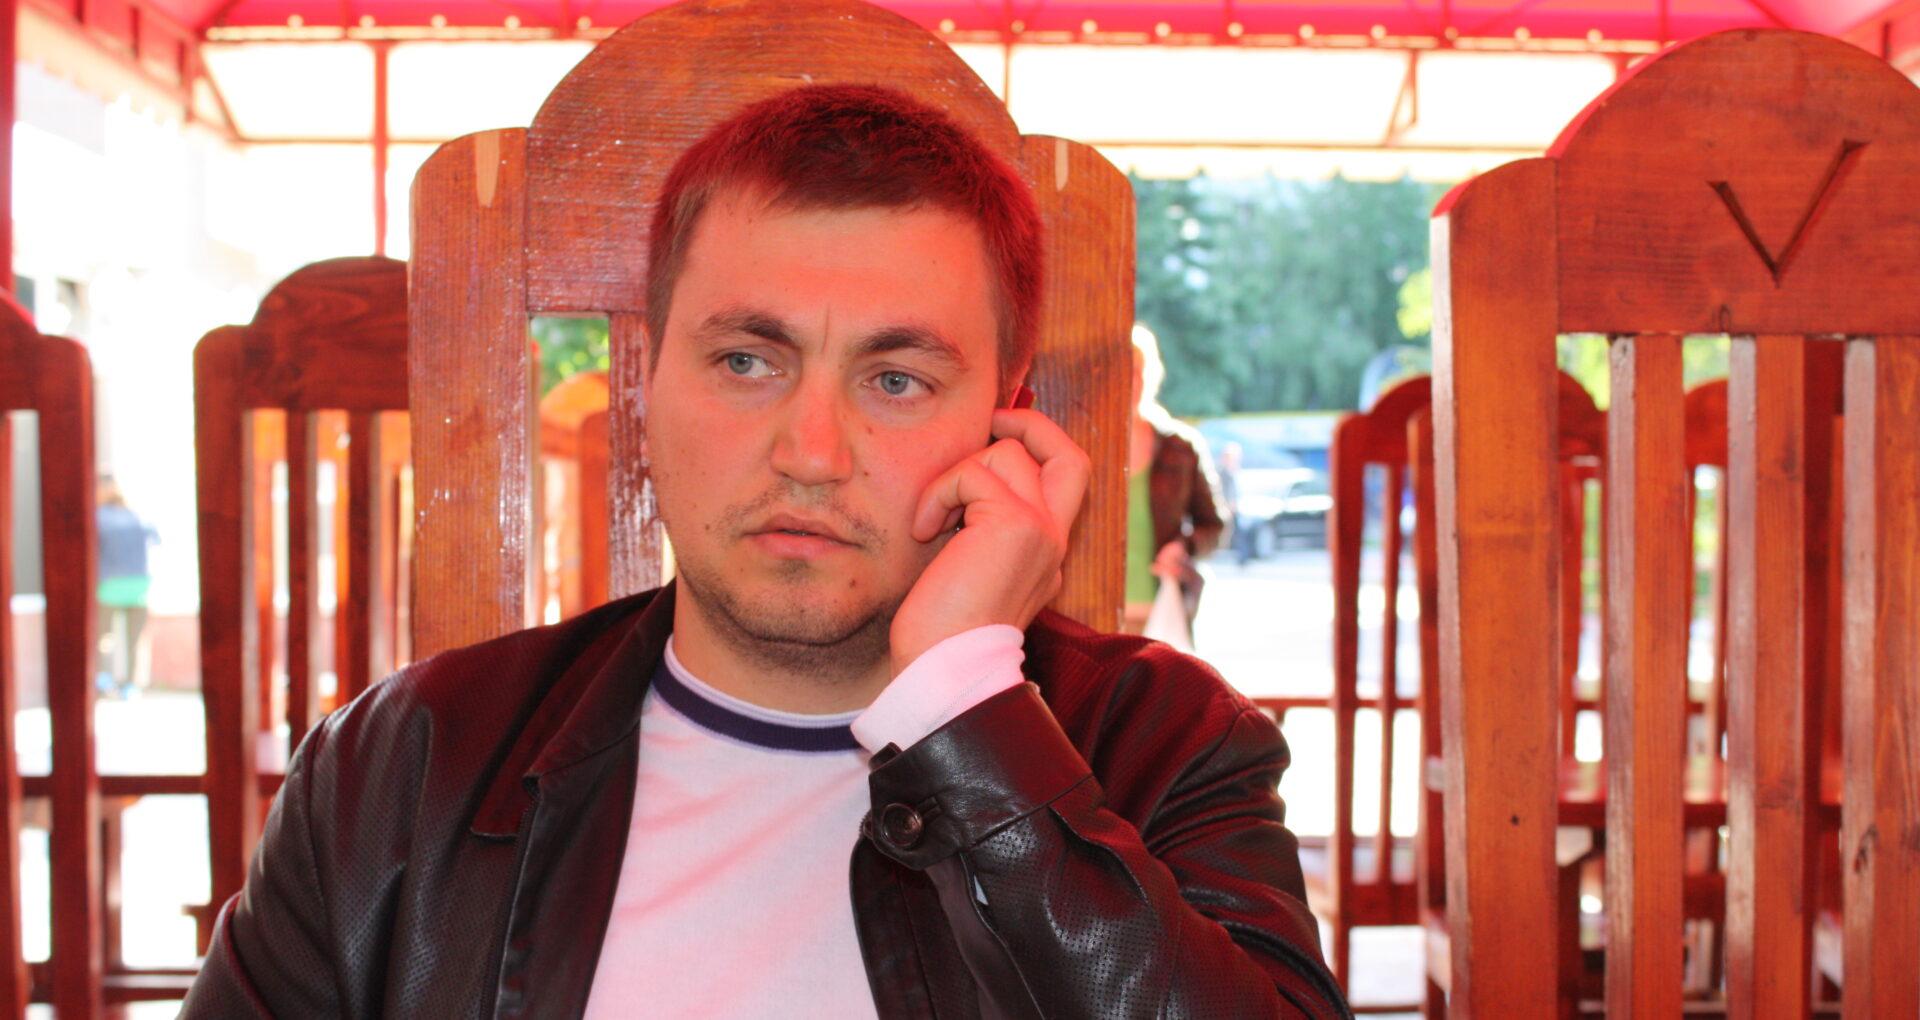 Interviu cu Veaceslav Platon: Afacerile din Moldova, relațiile cu Plahotniuc, Țopa și Usatîi, miliardul furat și Unirea cu România